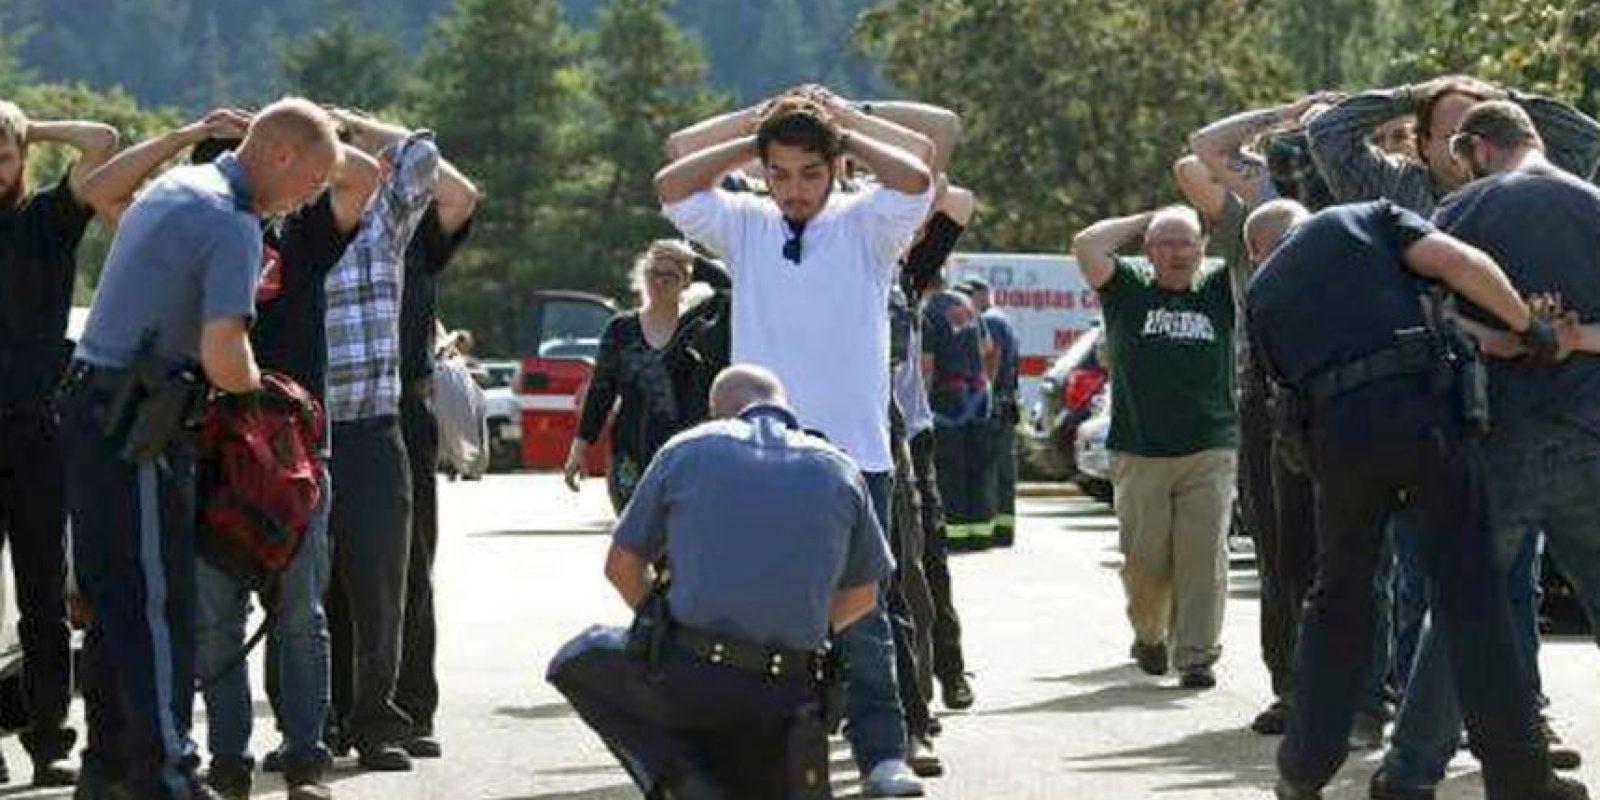 """En lo que va de este año se han registrado 52 tiroteos en escuelas de Estados Unidos, dejando a 30 personas muertas y 53 heridos, de acuerdo con la revista estadounidense """"Slate"""". Foto:AP"""